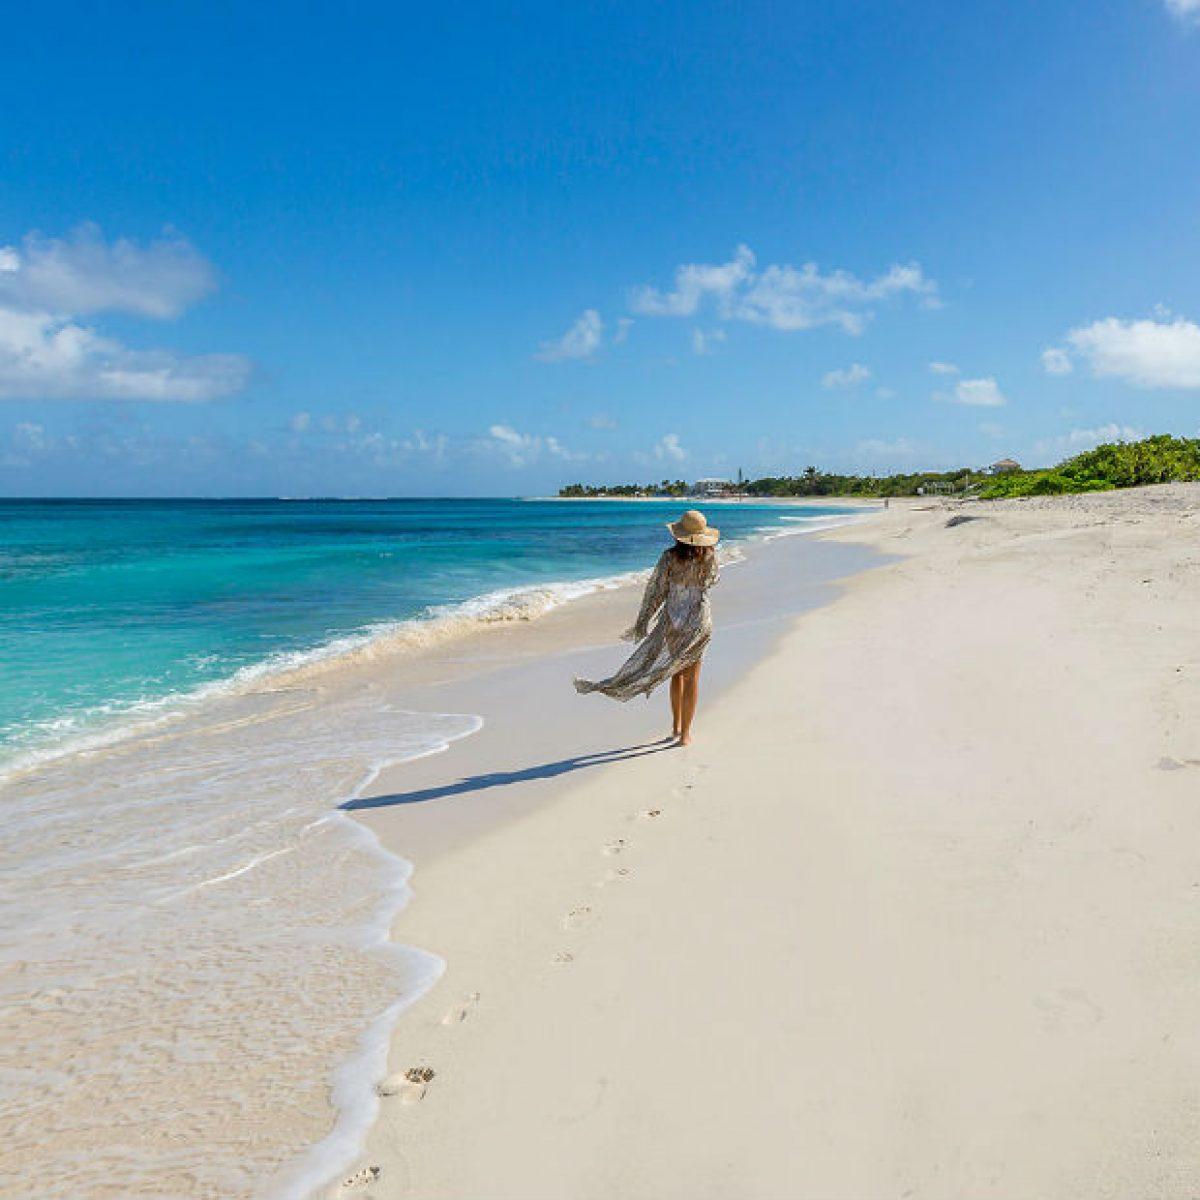 viaggio-di-nozze-caraibi-anguilla